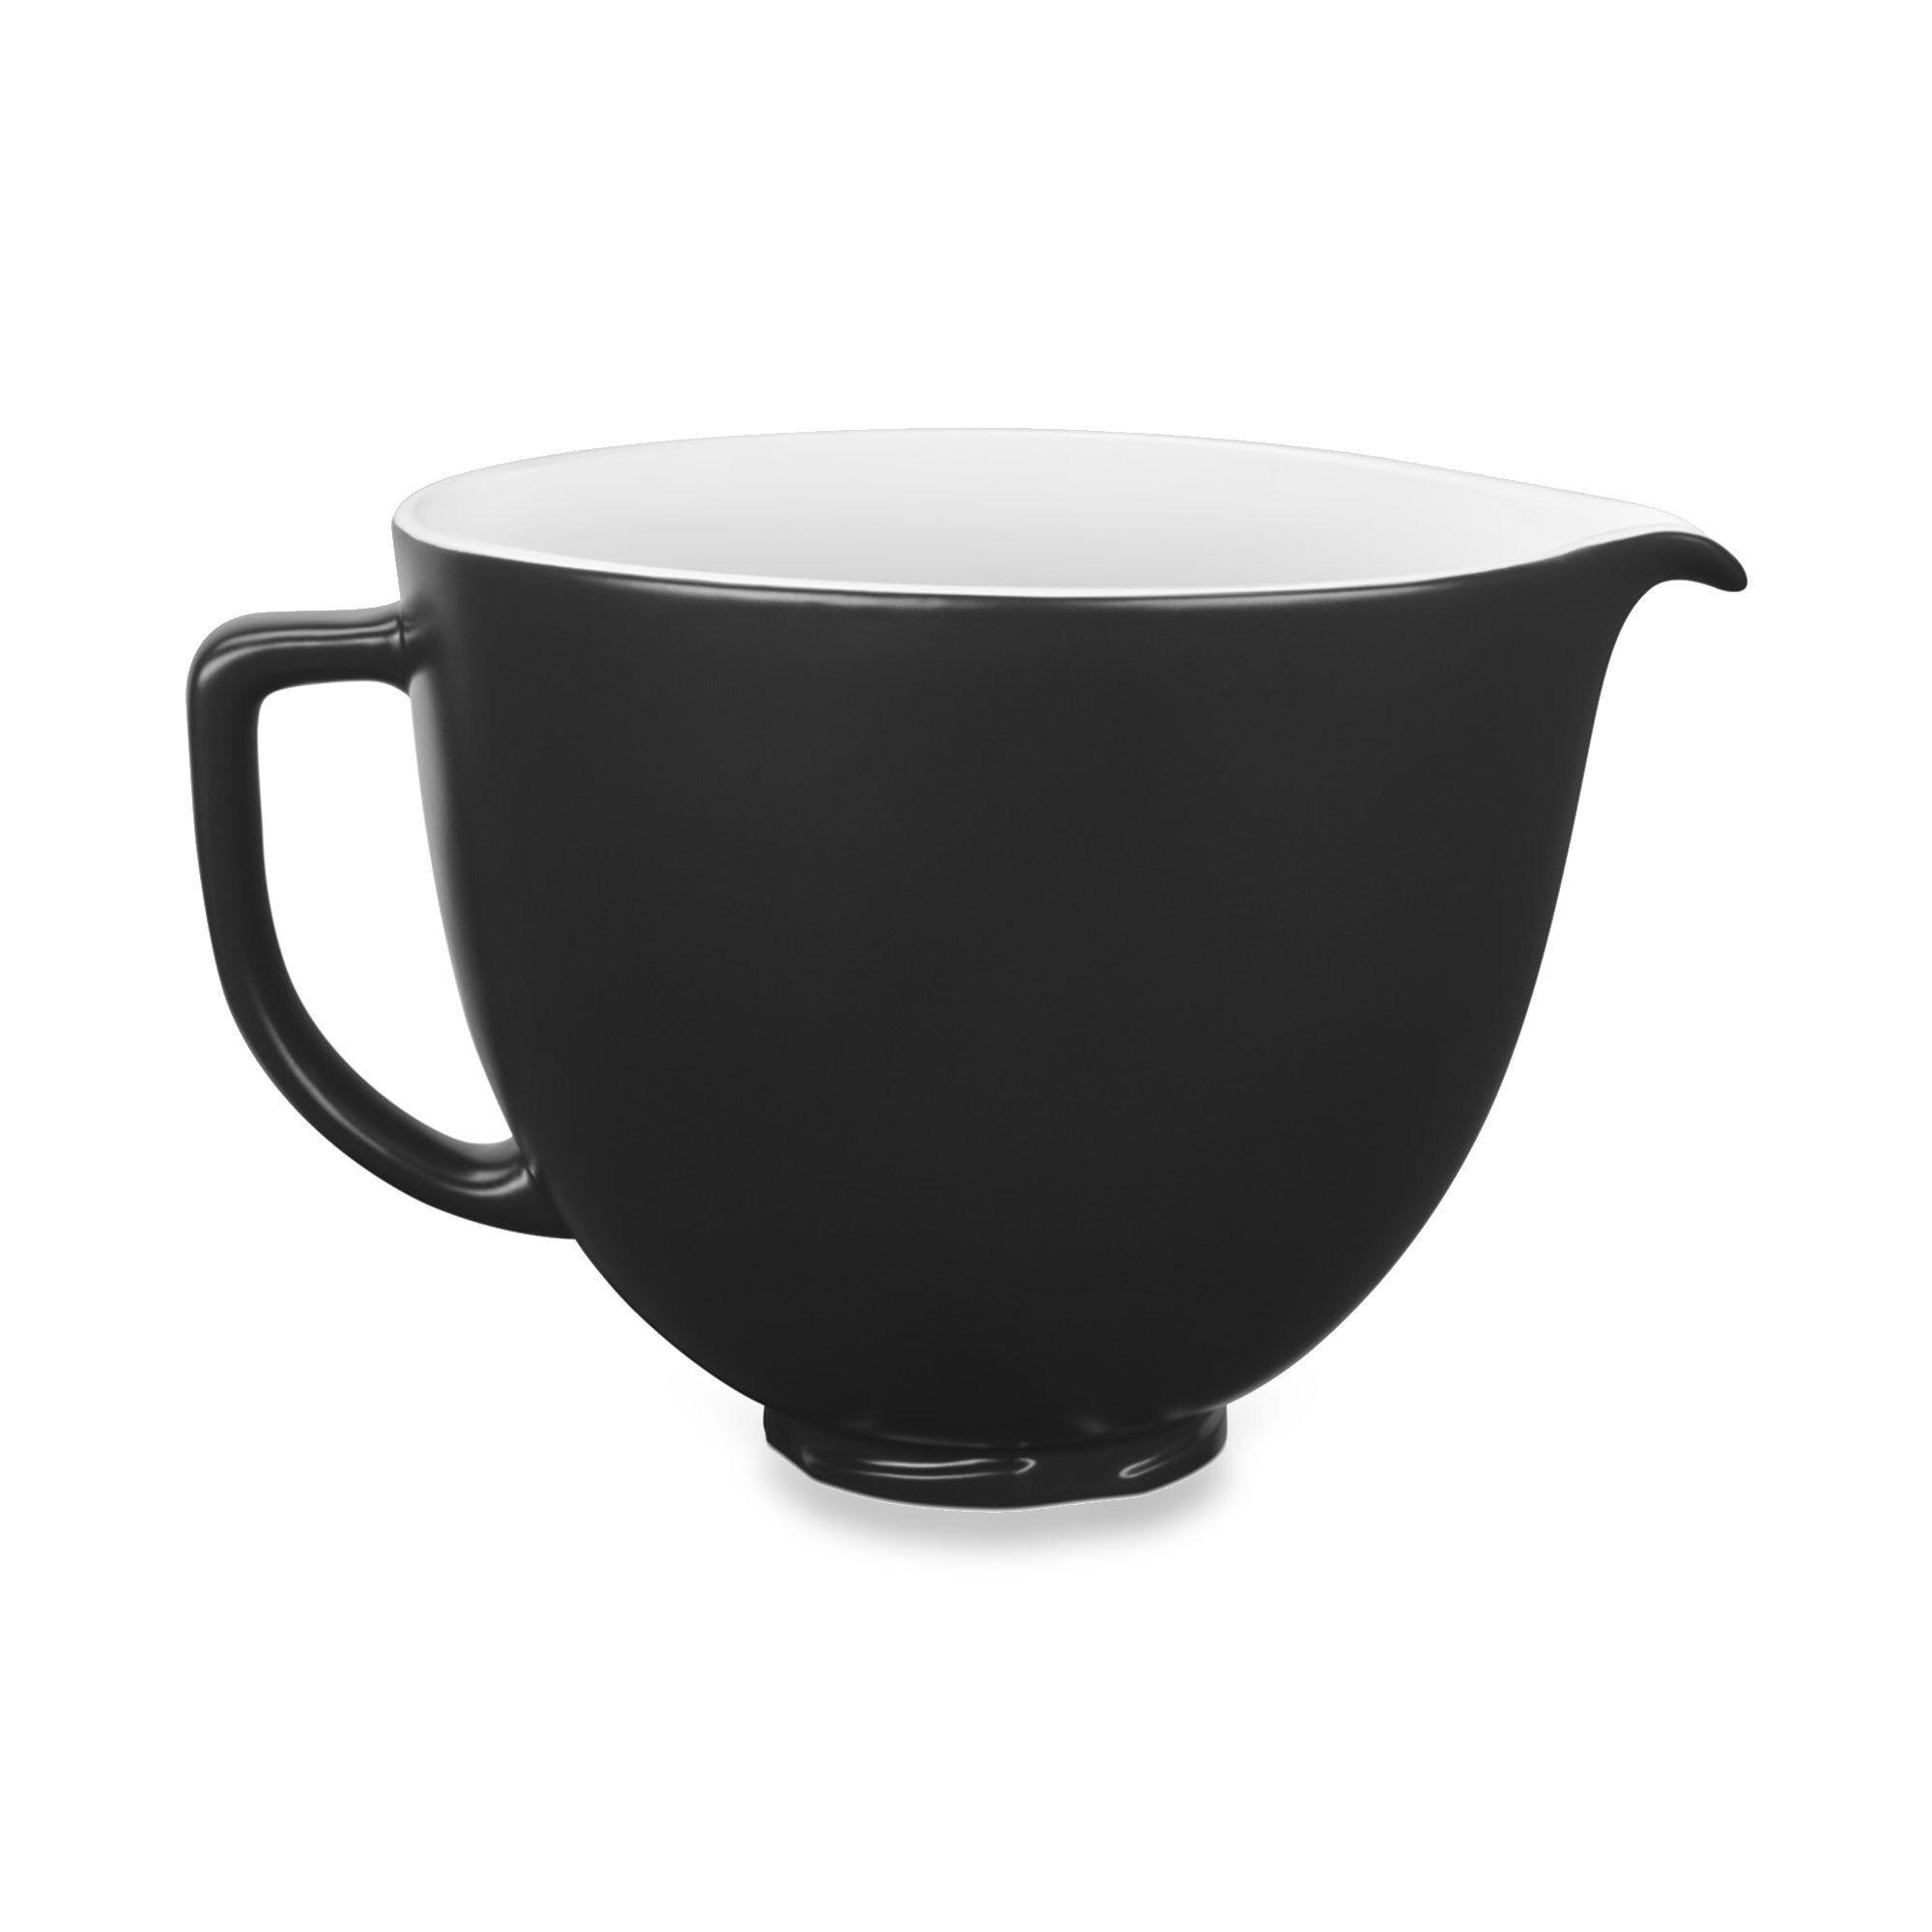 Image of Ciotola in ceramica decorata per planetaria